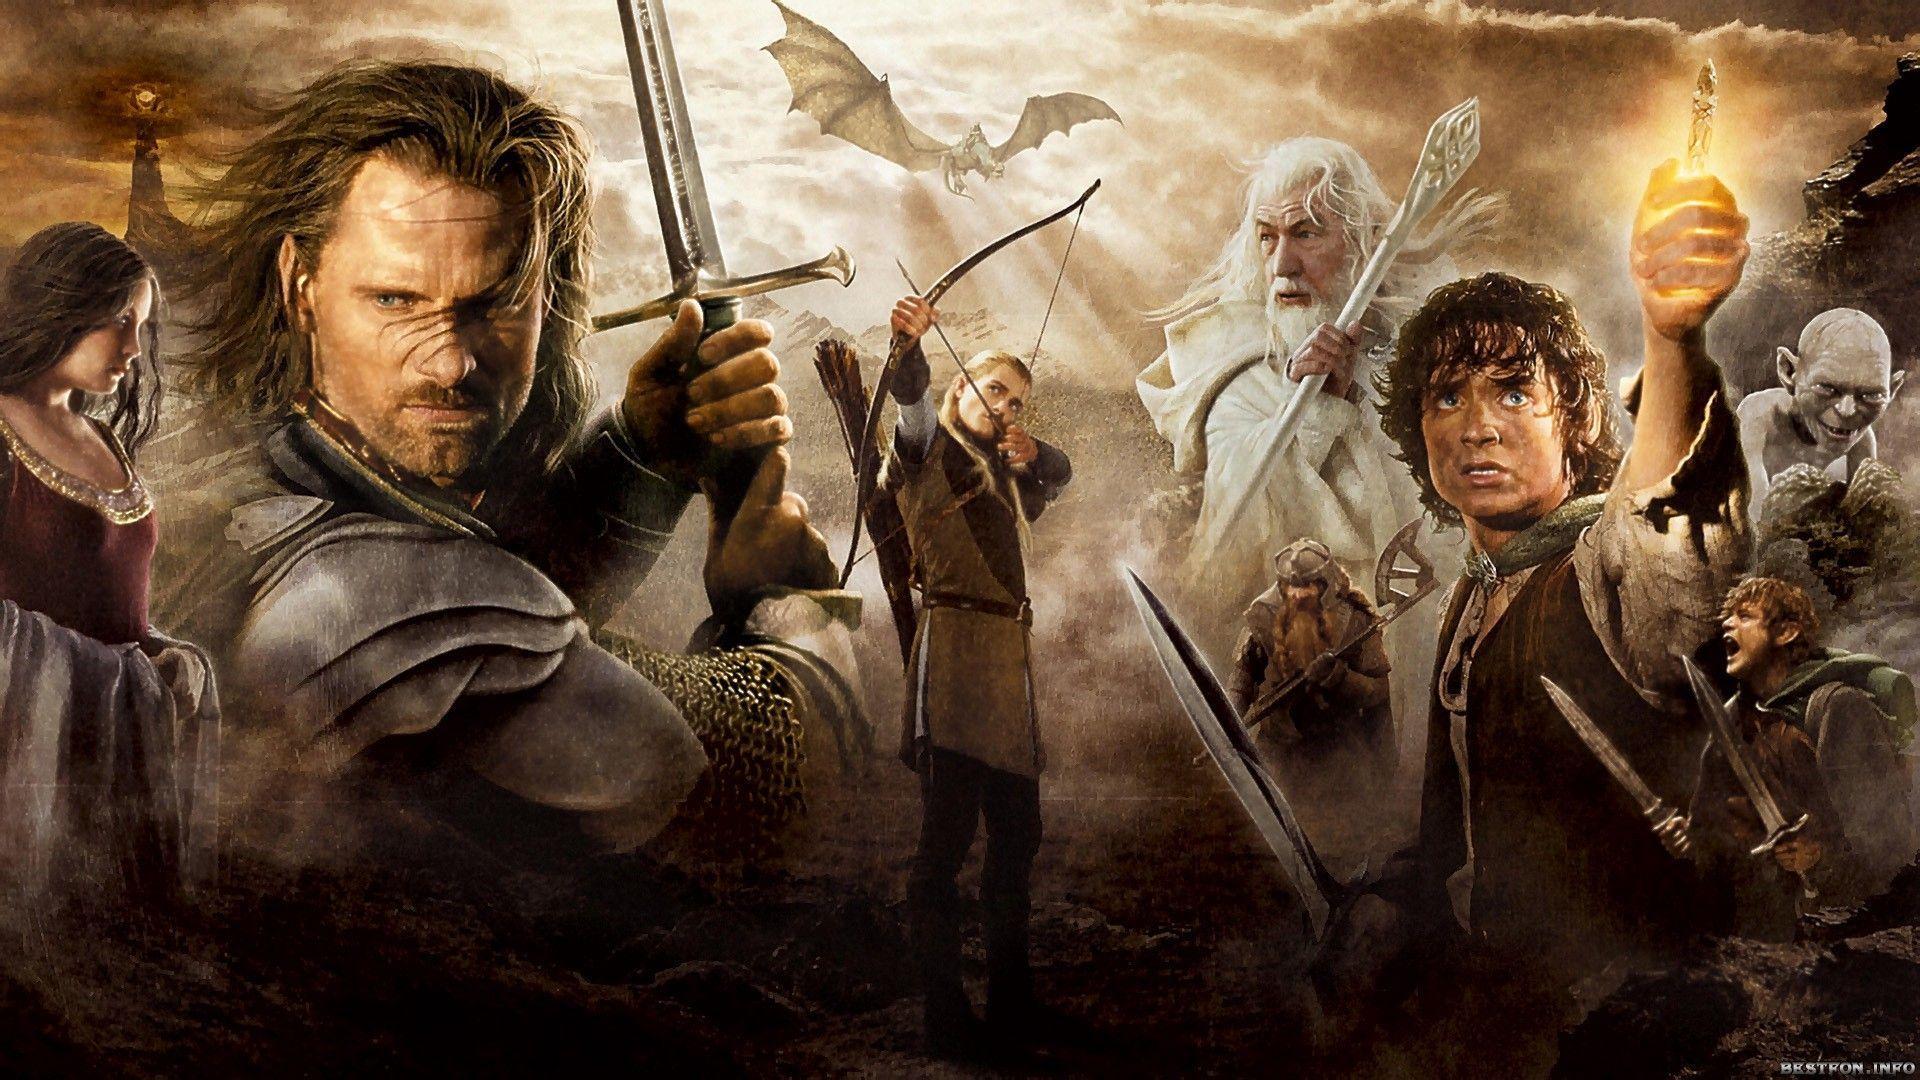 5158 - Actores de El Señor de los Anillos: El Retorno del Rey